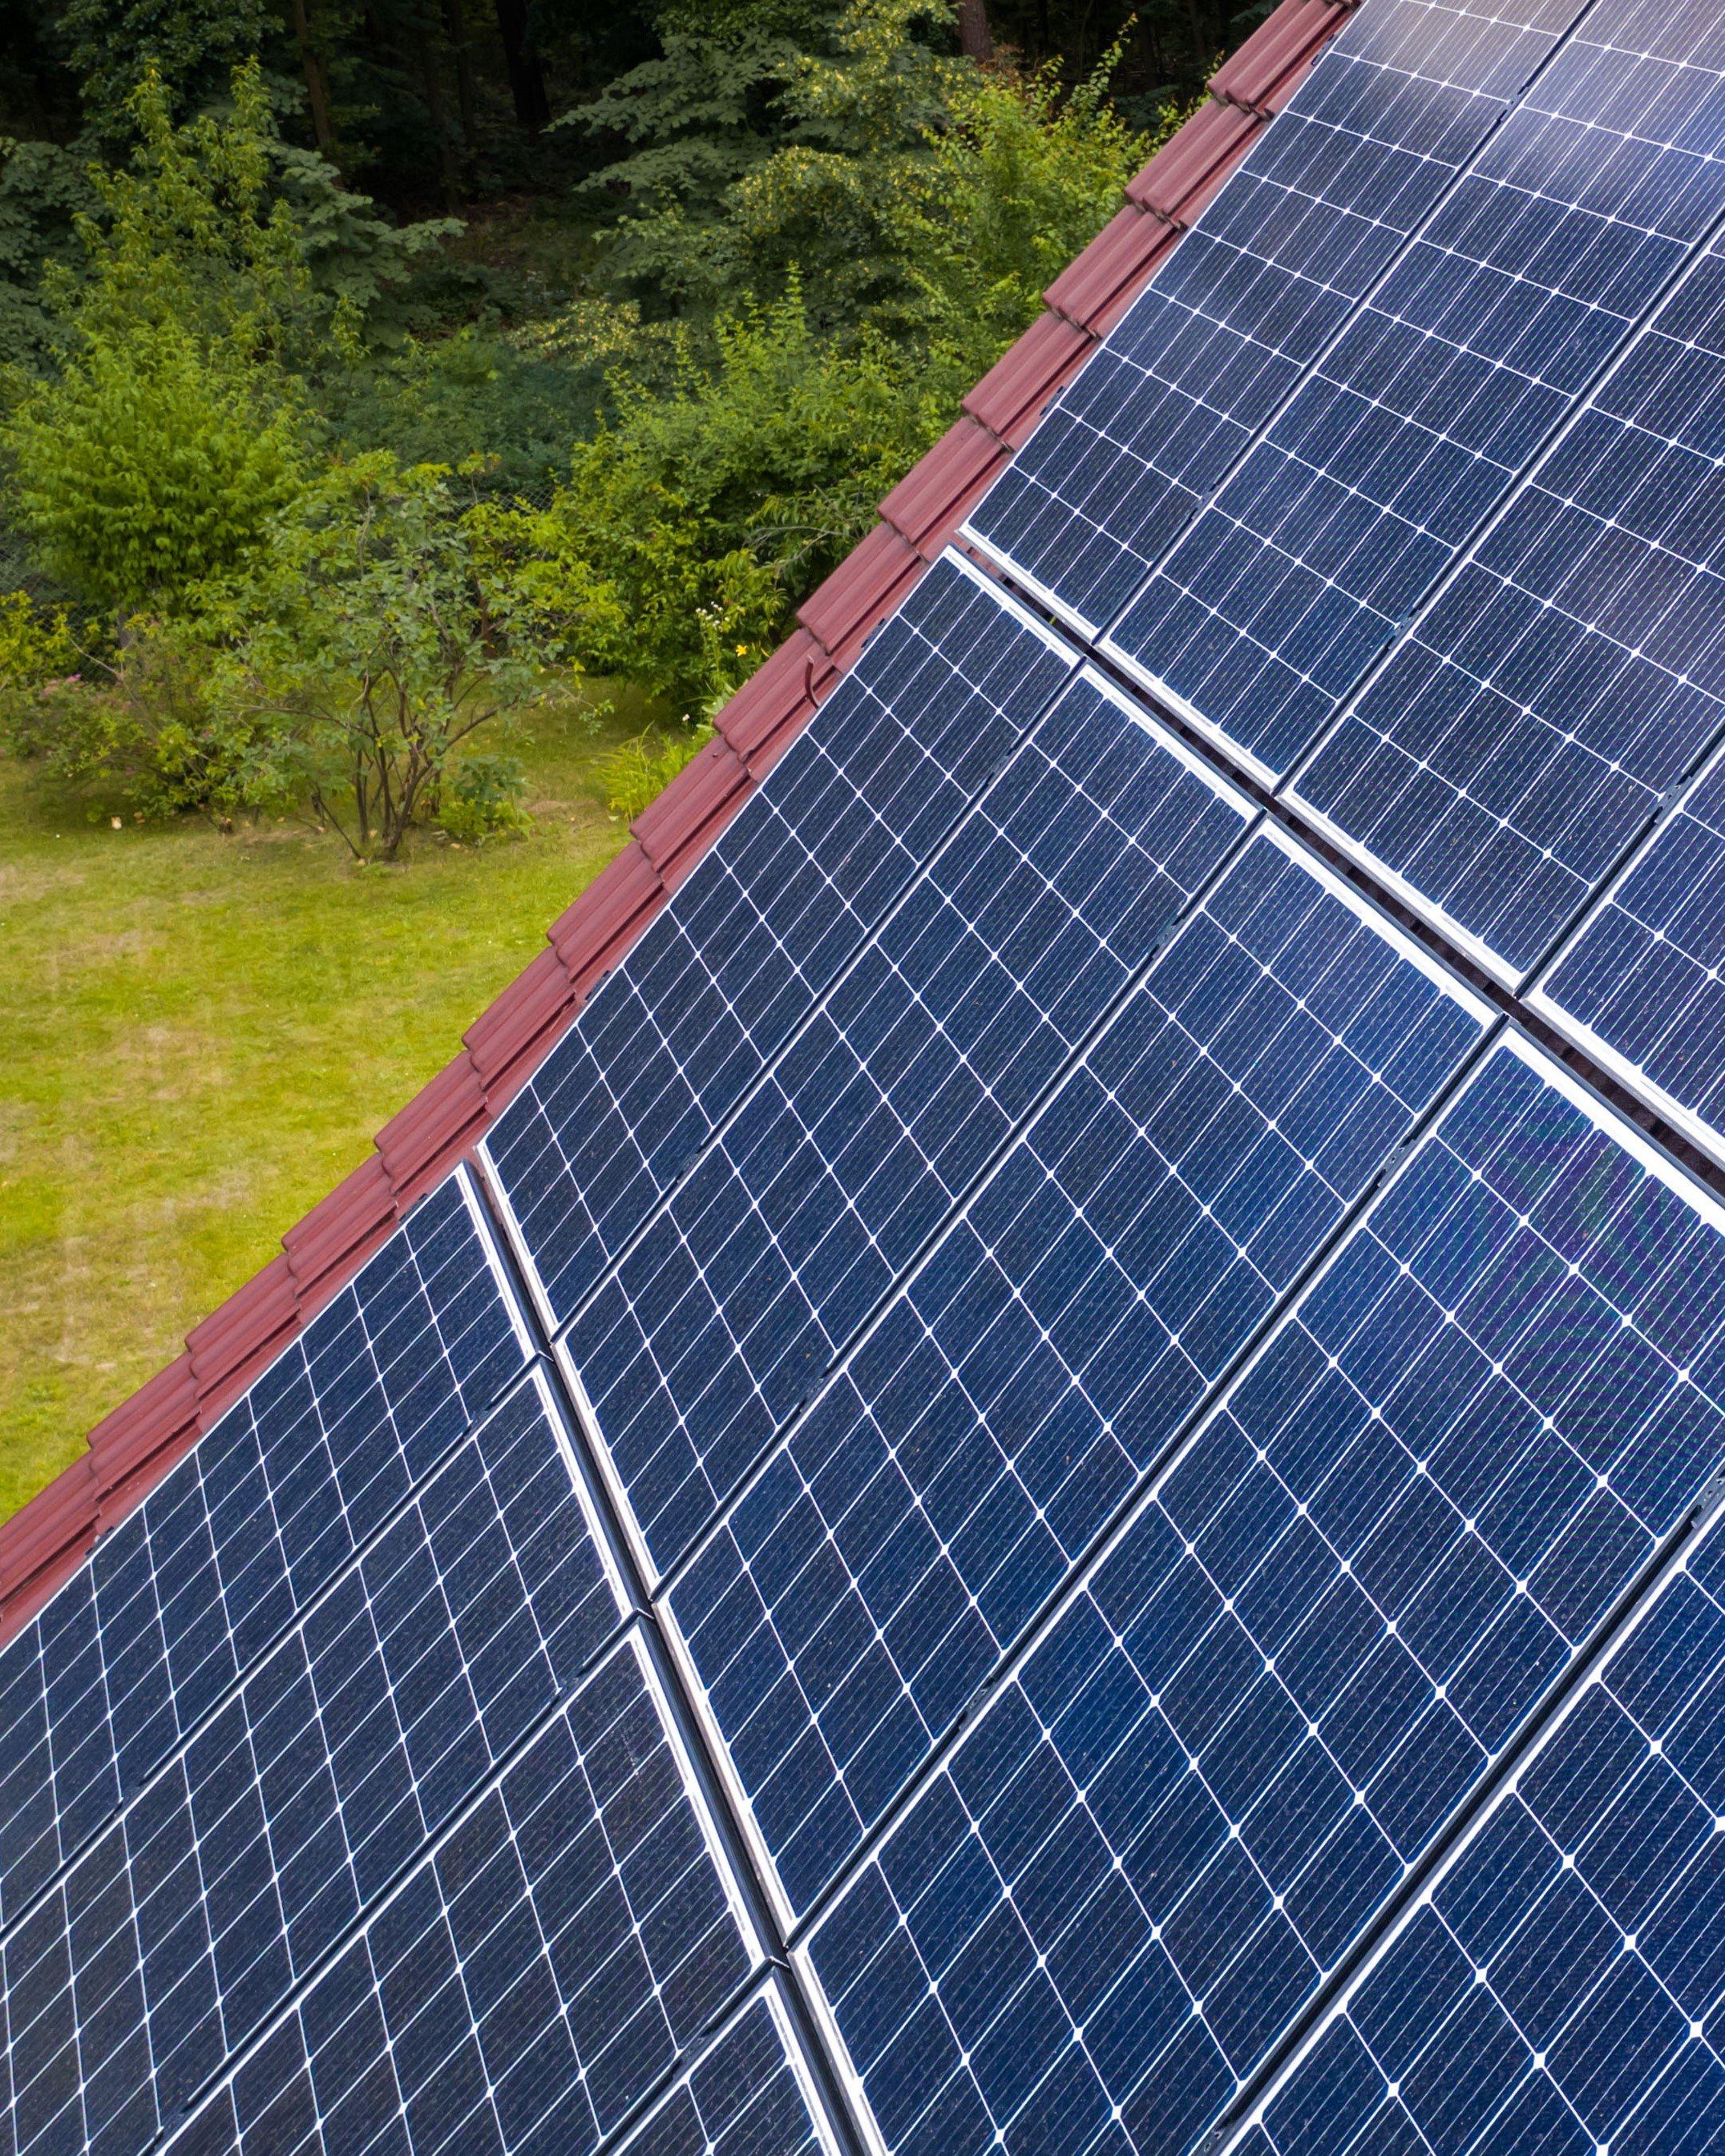 Umweltfreundliche Energie frei Haus: Eine Photovoltaikanlage rechnet sich vor allem dann, wenn ein Großteil des Ökostroms im eigenen Haushalt genutzt wird.  1945 KB  Foto: djd/E.ON